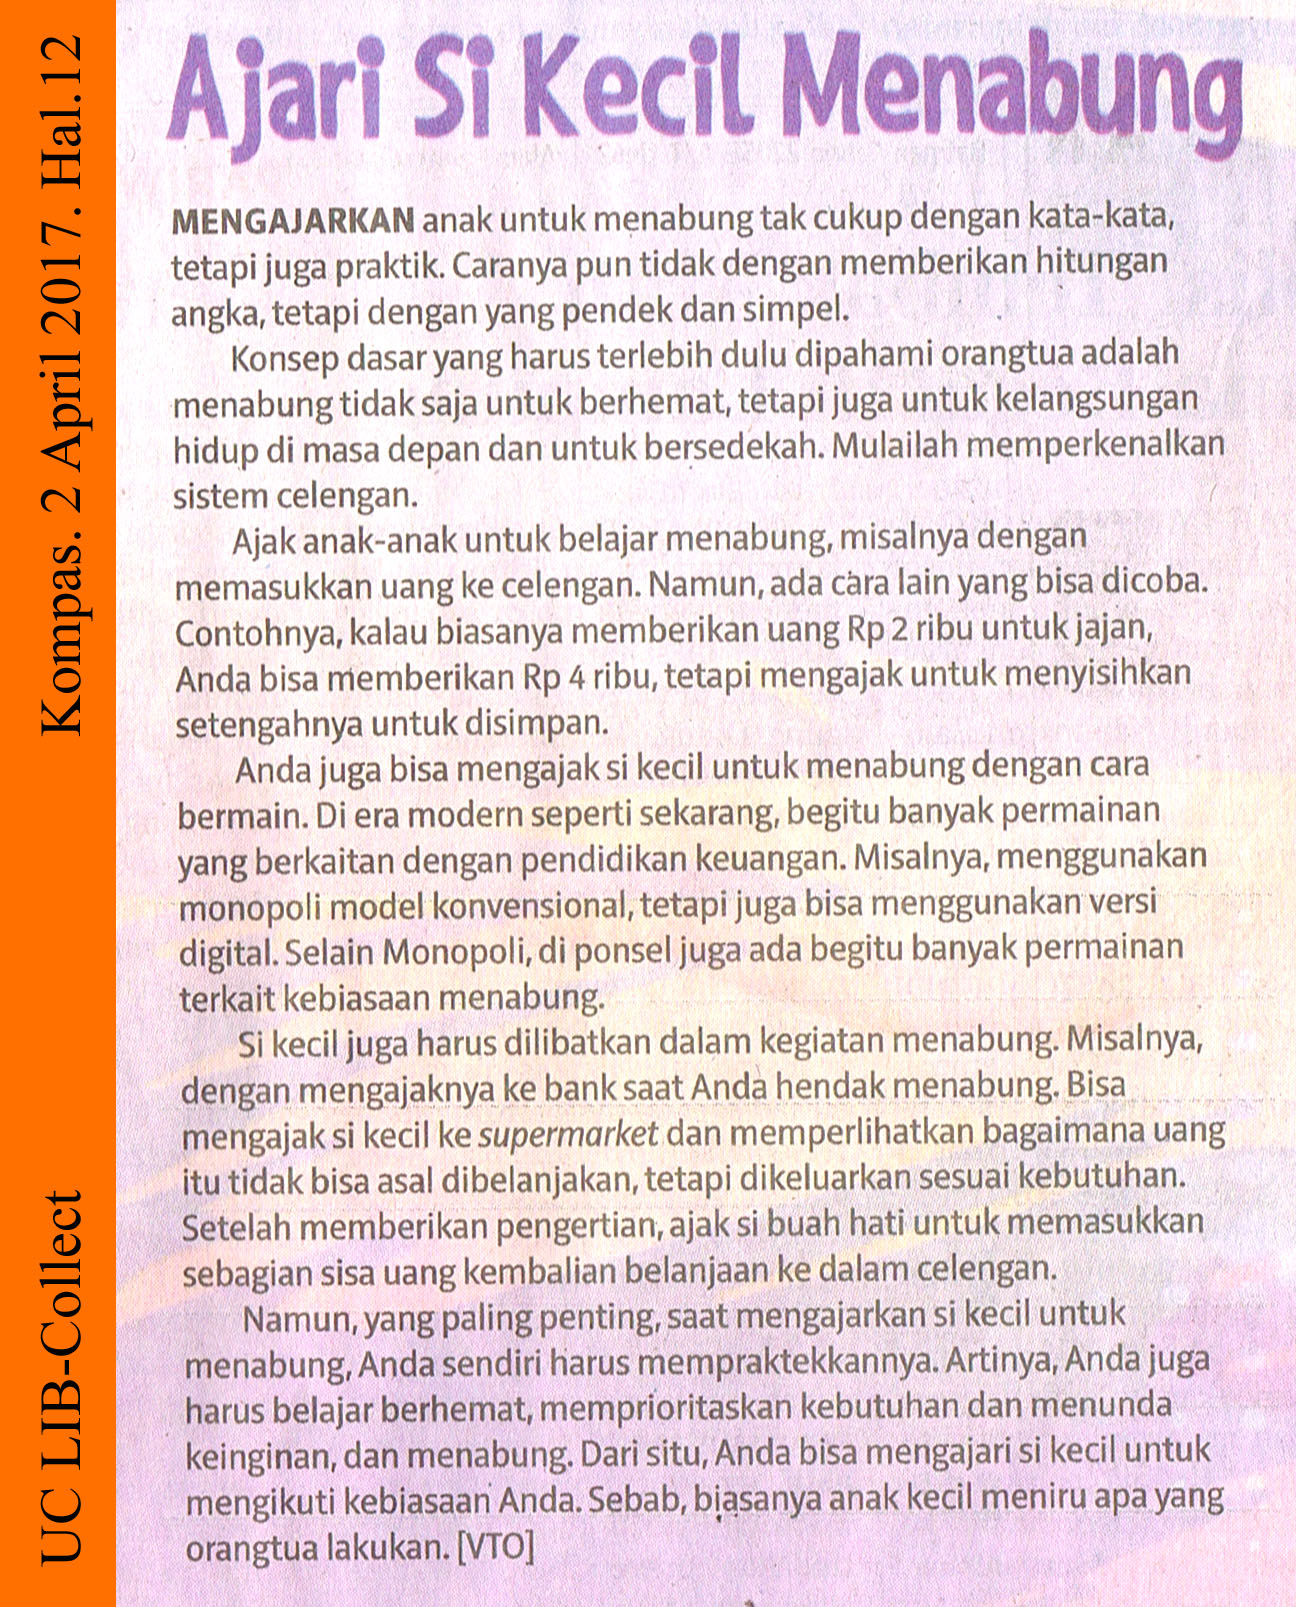 Ajari Si Kecil Menabung. Kompas. 2 April 2017. Hal.12